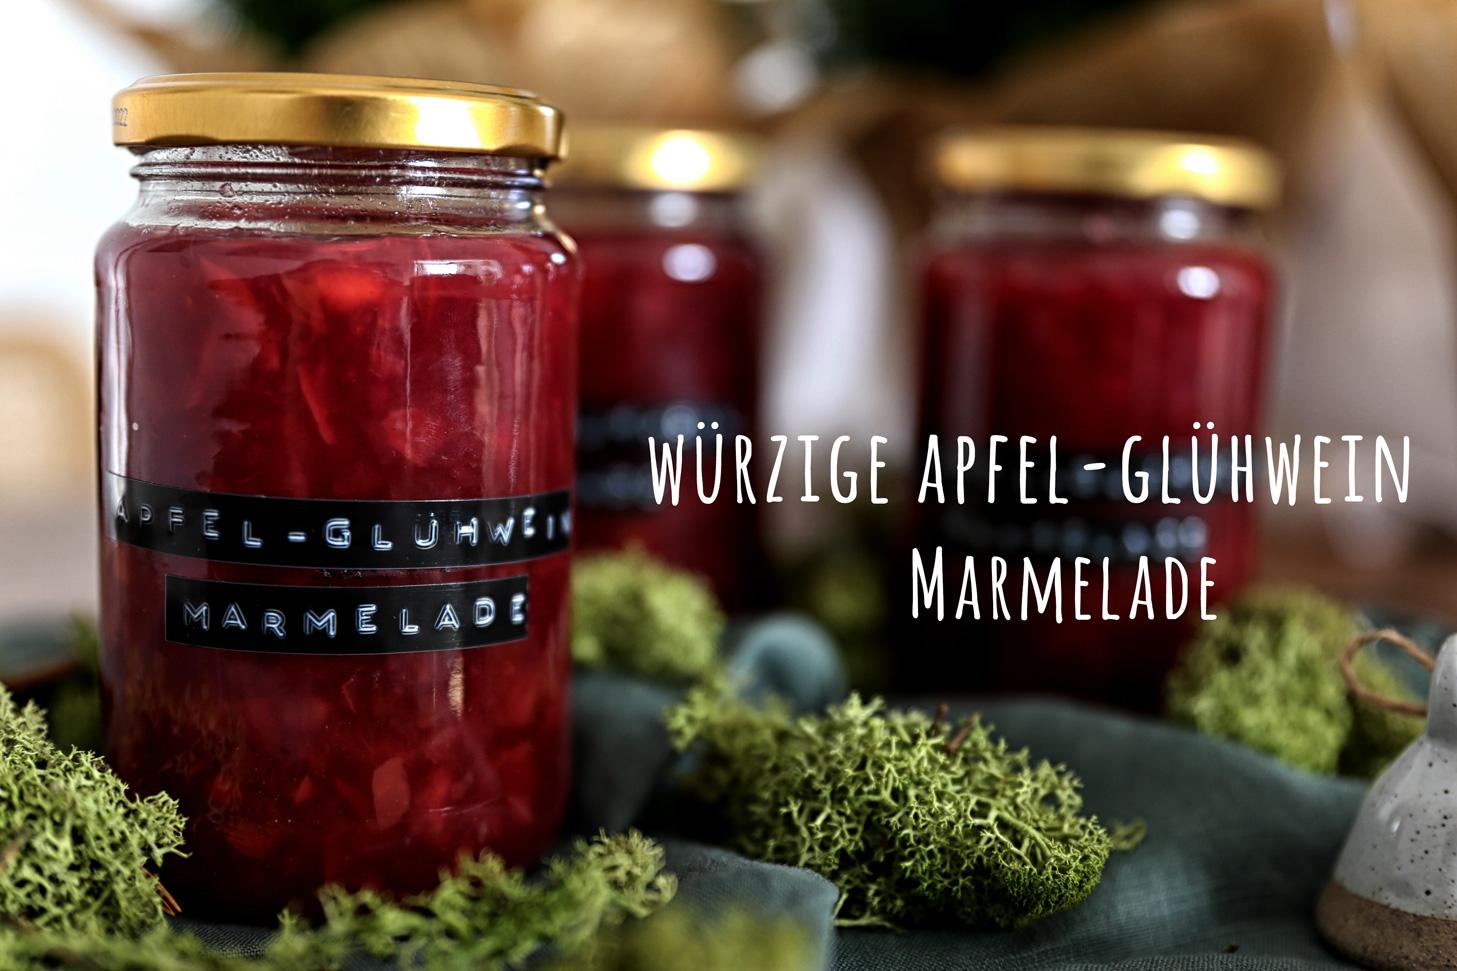 Würzige Apfel-Glühwein Marmelade